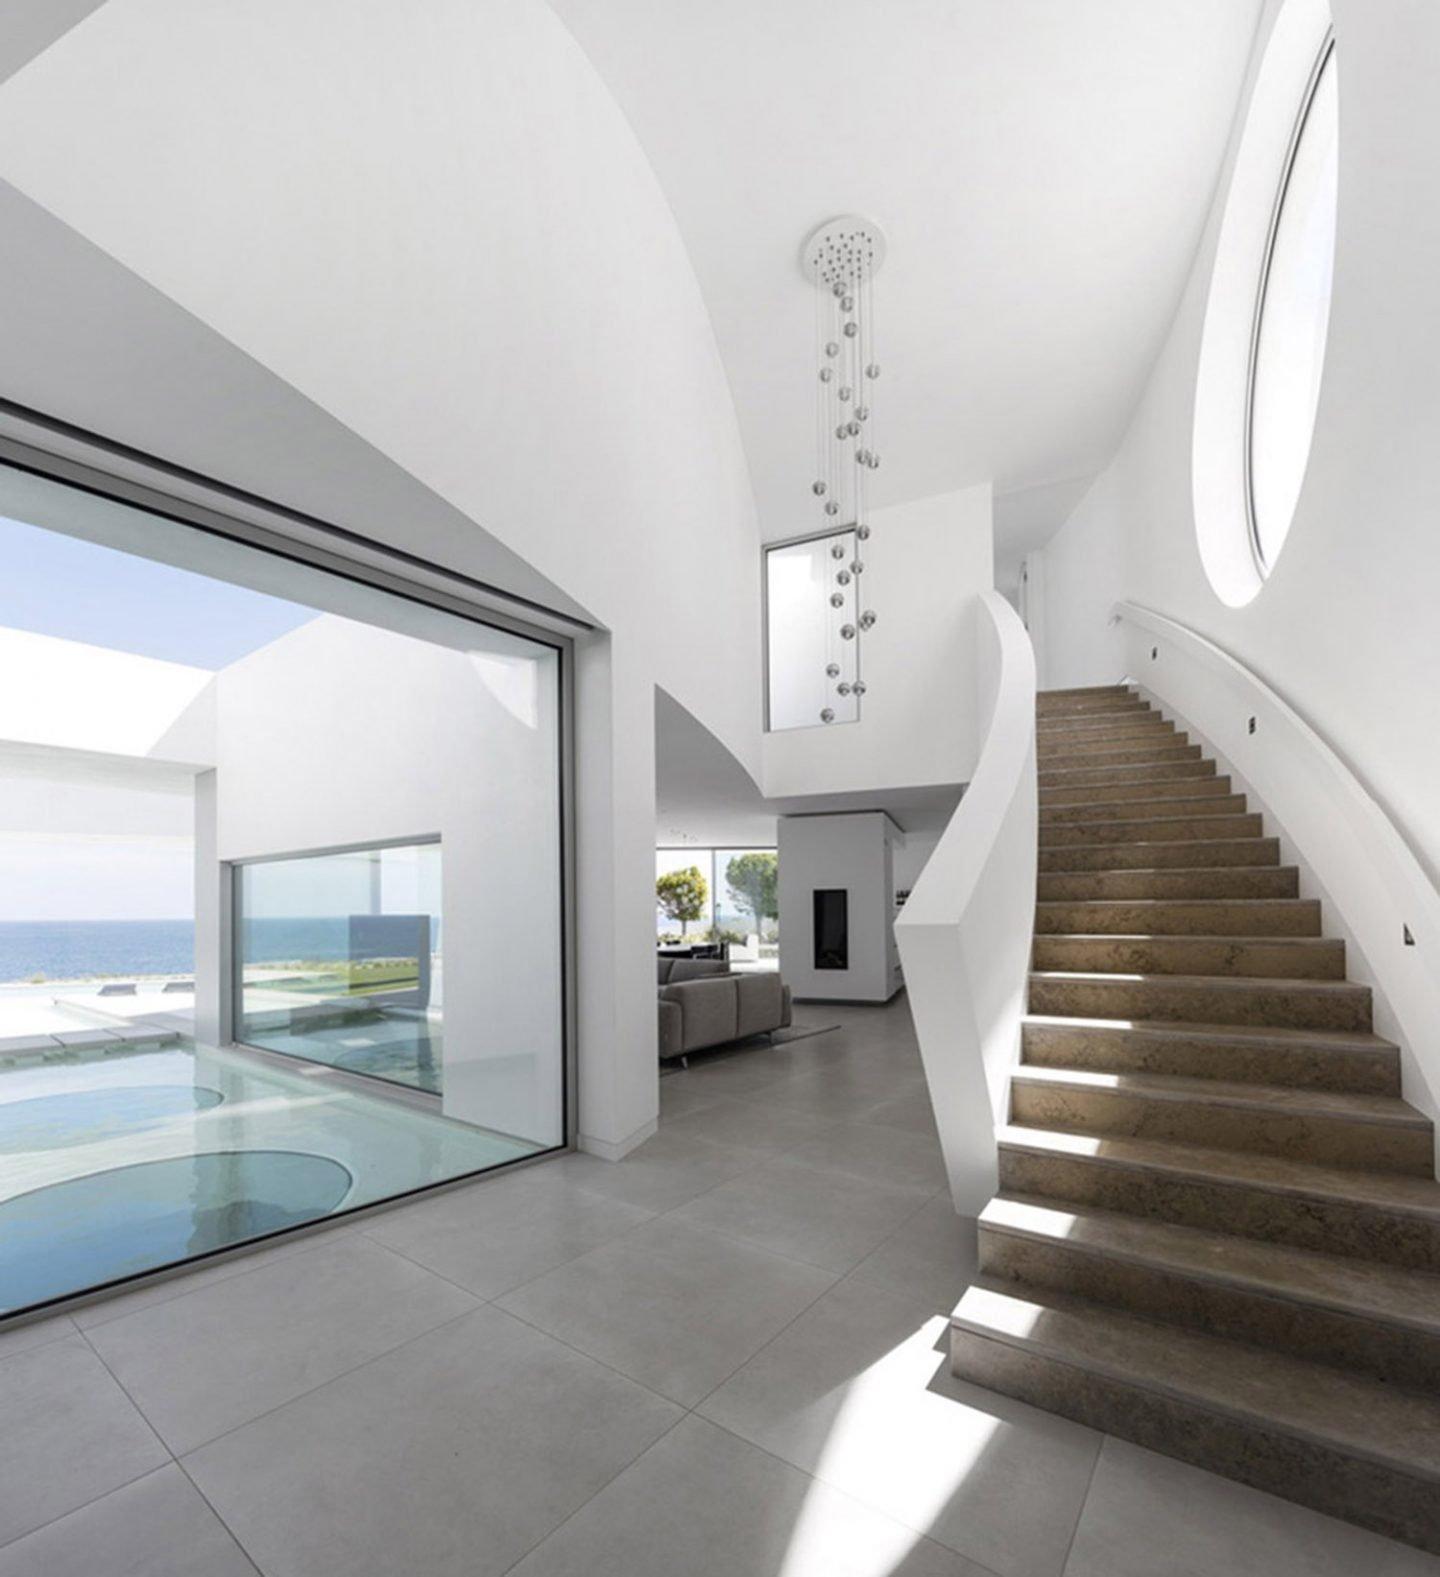 Architecture_CasaEliptica_MarioMartinsAtelier13